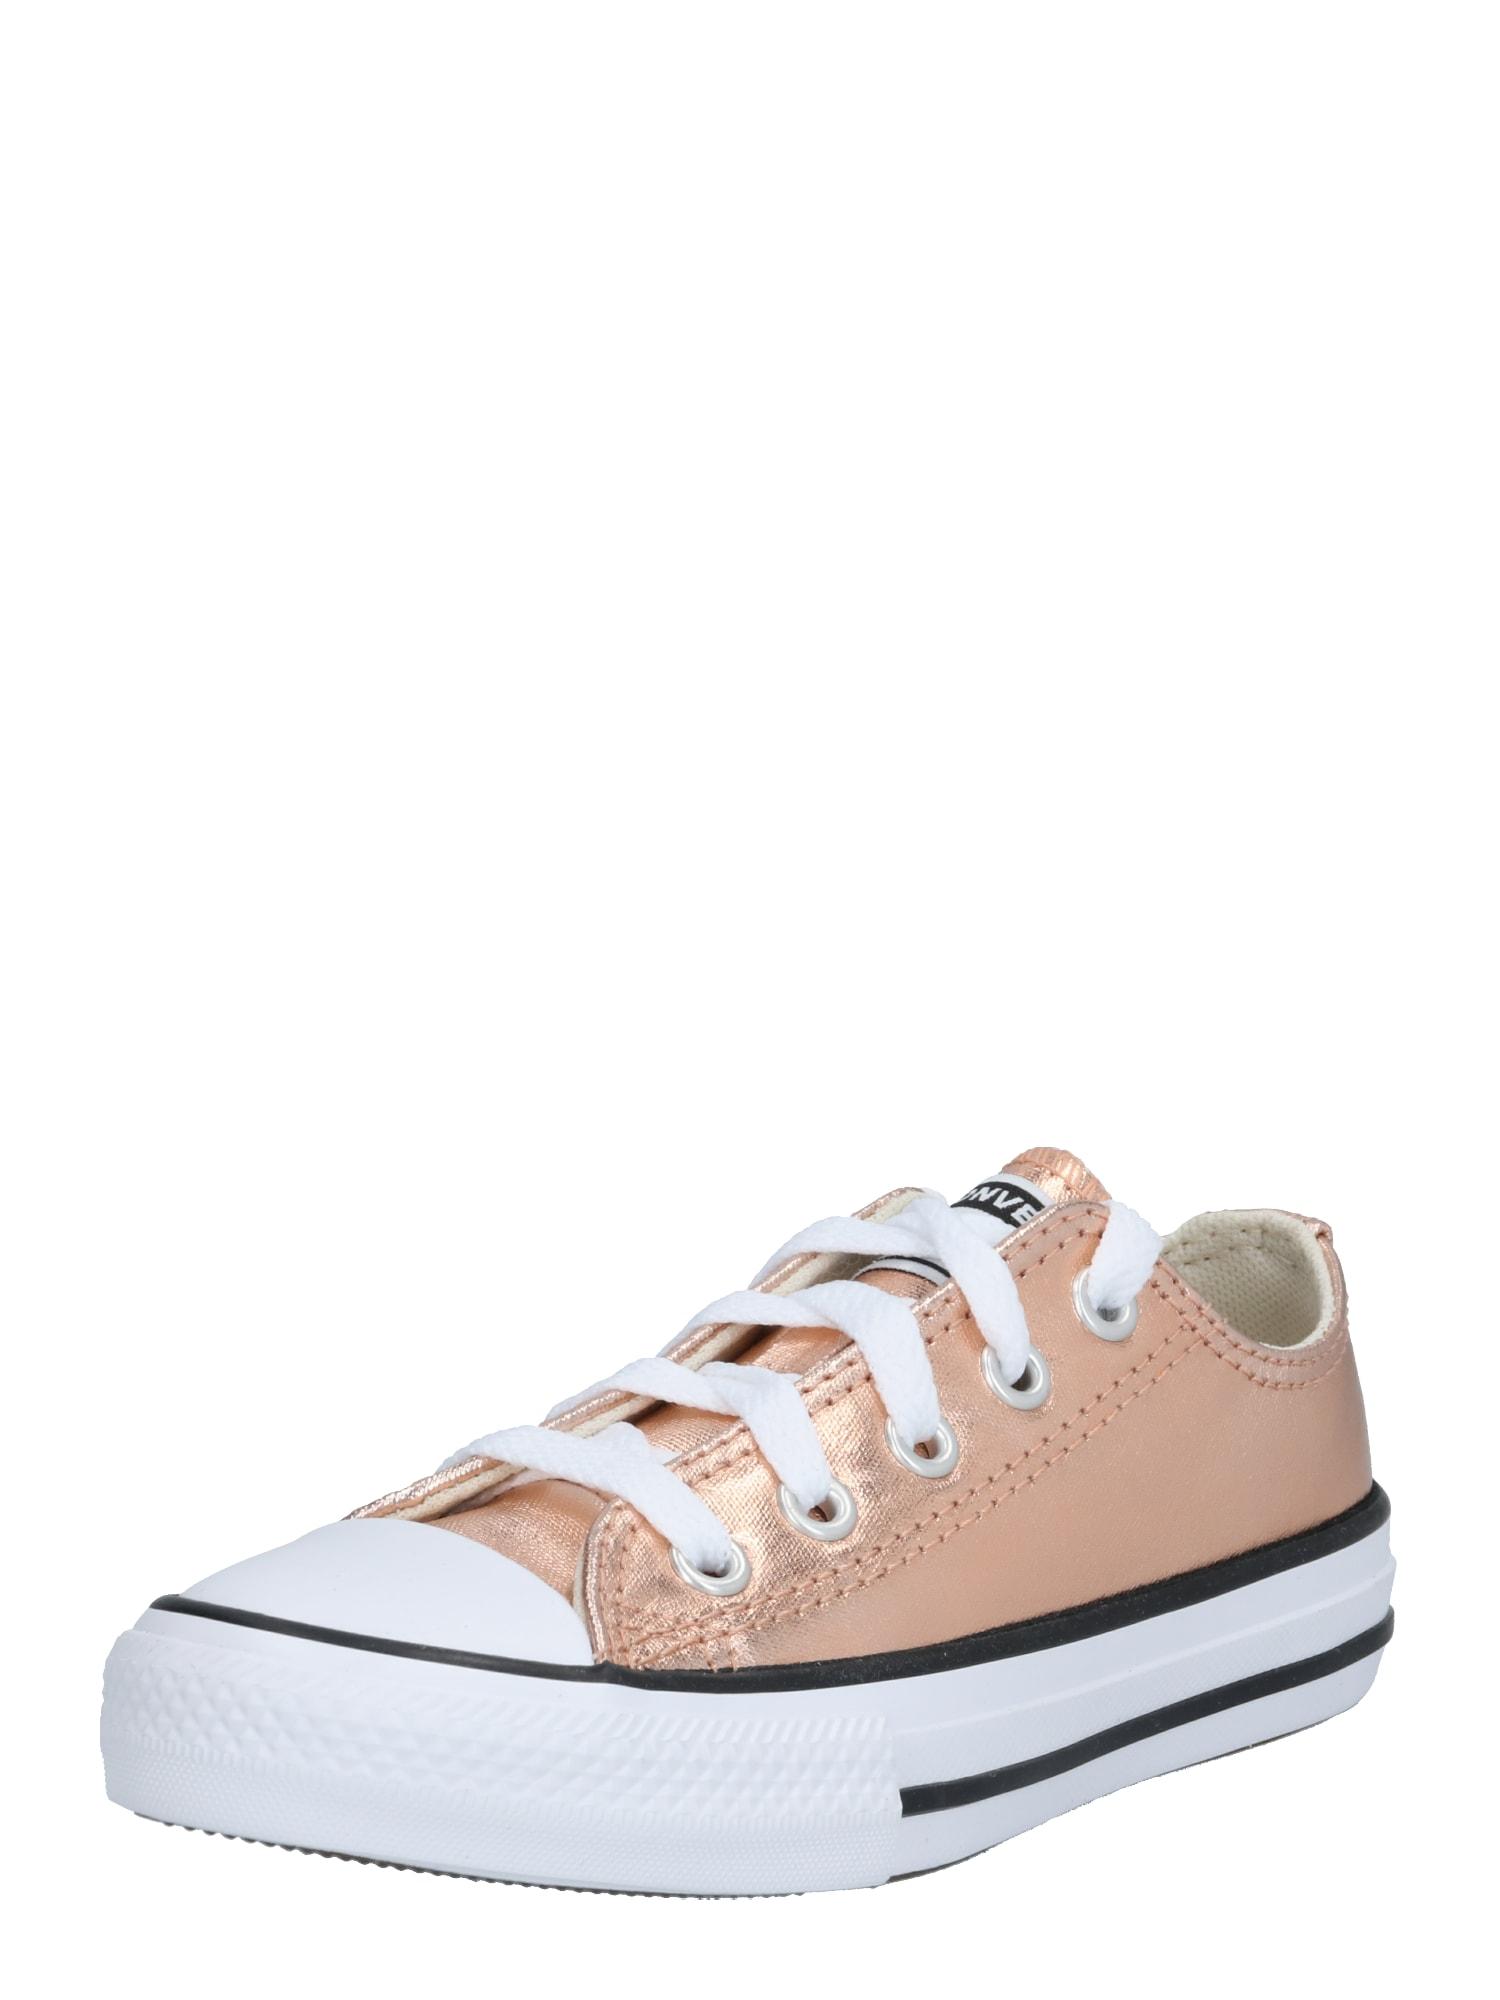 CONVERSE Sportbačiai 'CTAS' balta / rožinio aukso spalva